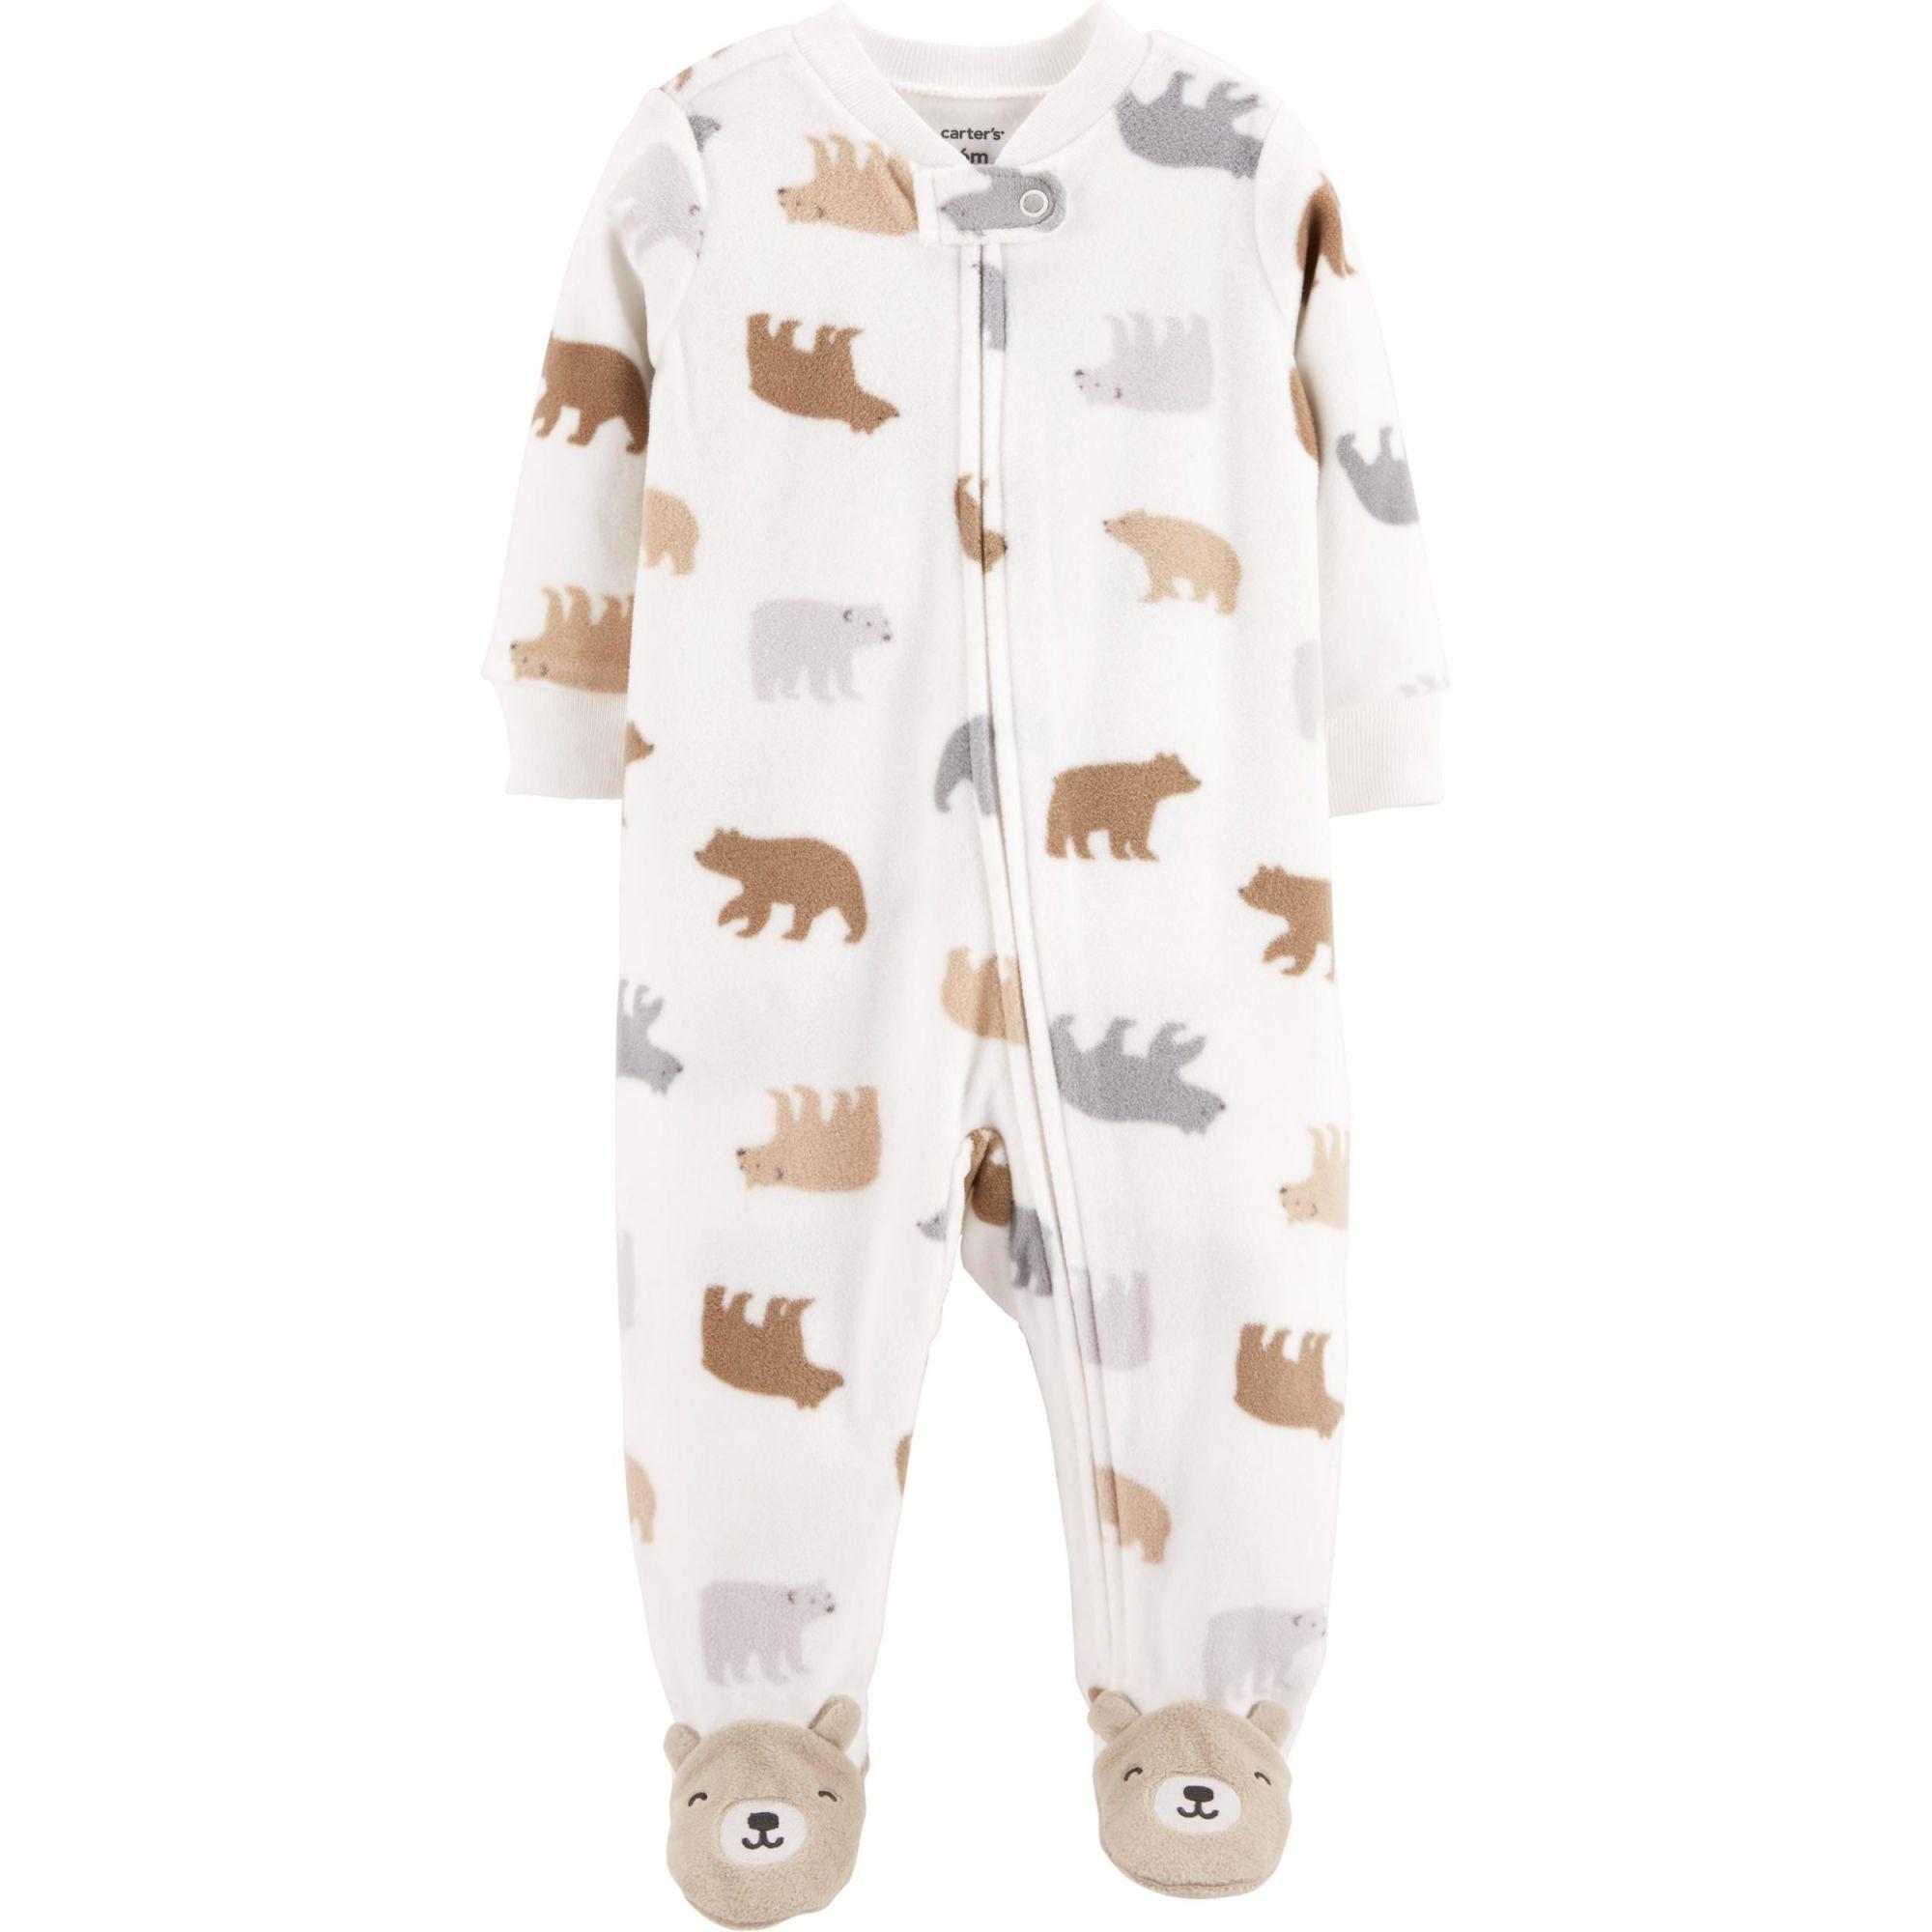 Macacão em Fleece Infantil Carters Ursinhos com Pé